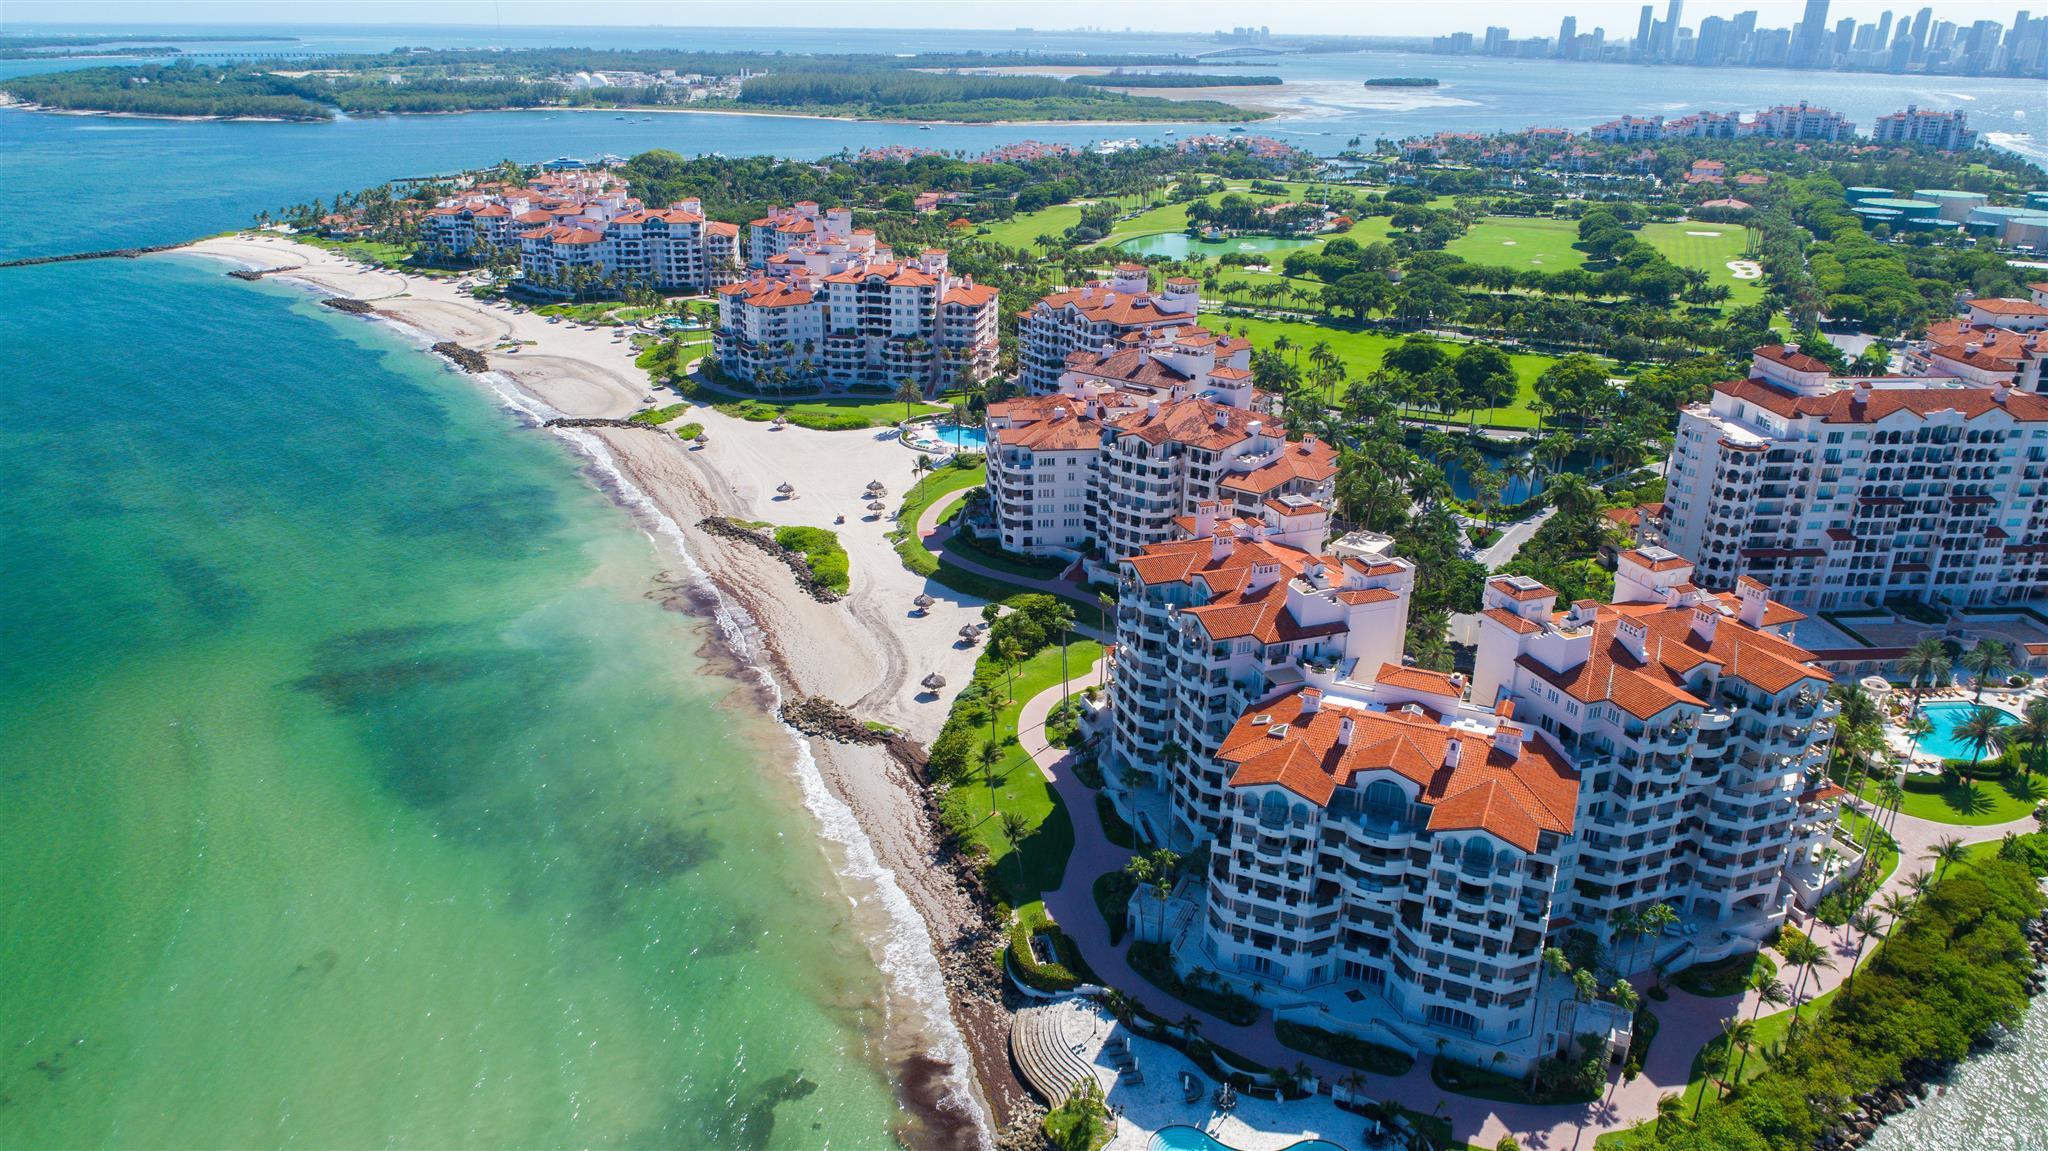 résidence en bord de mer à Miami